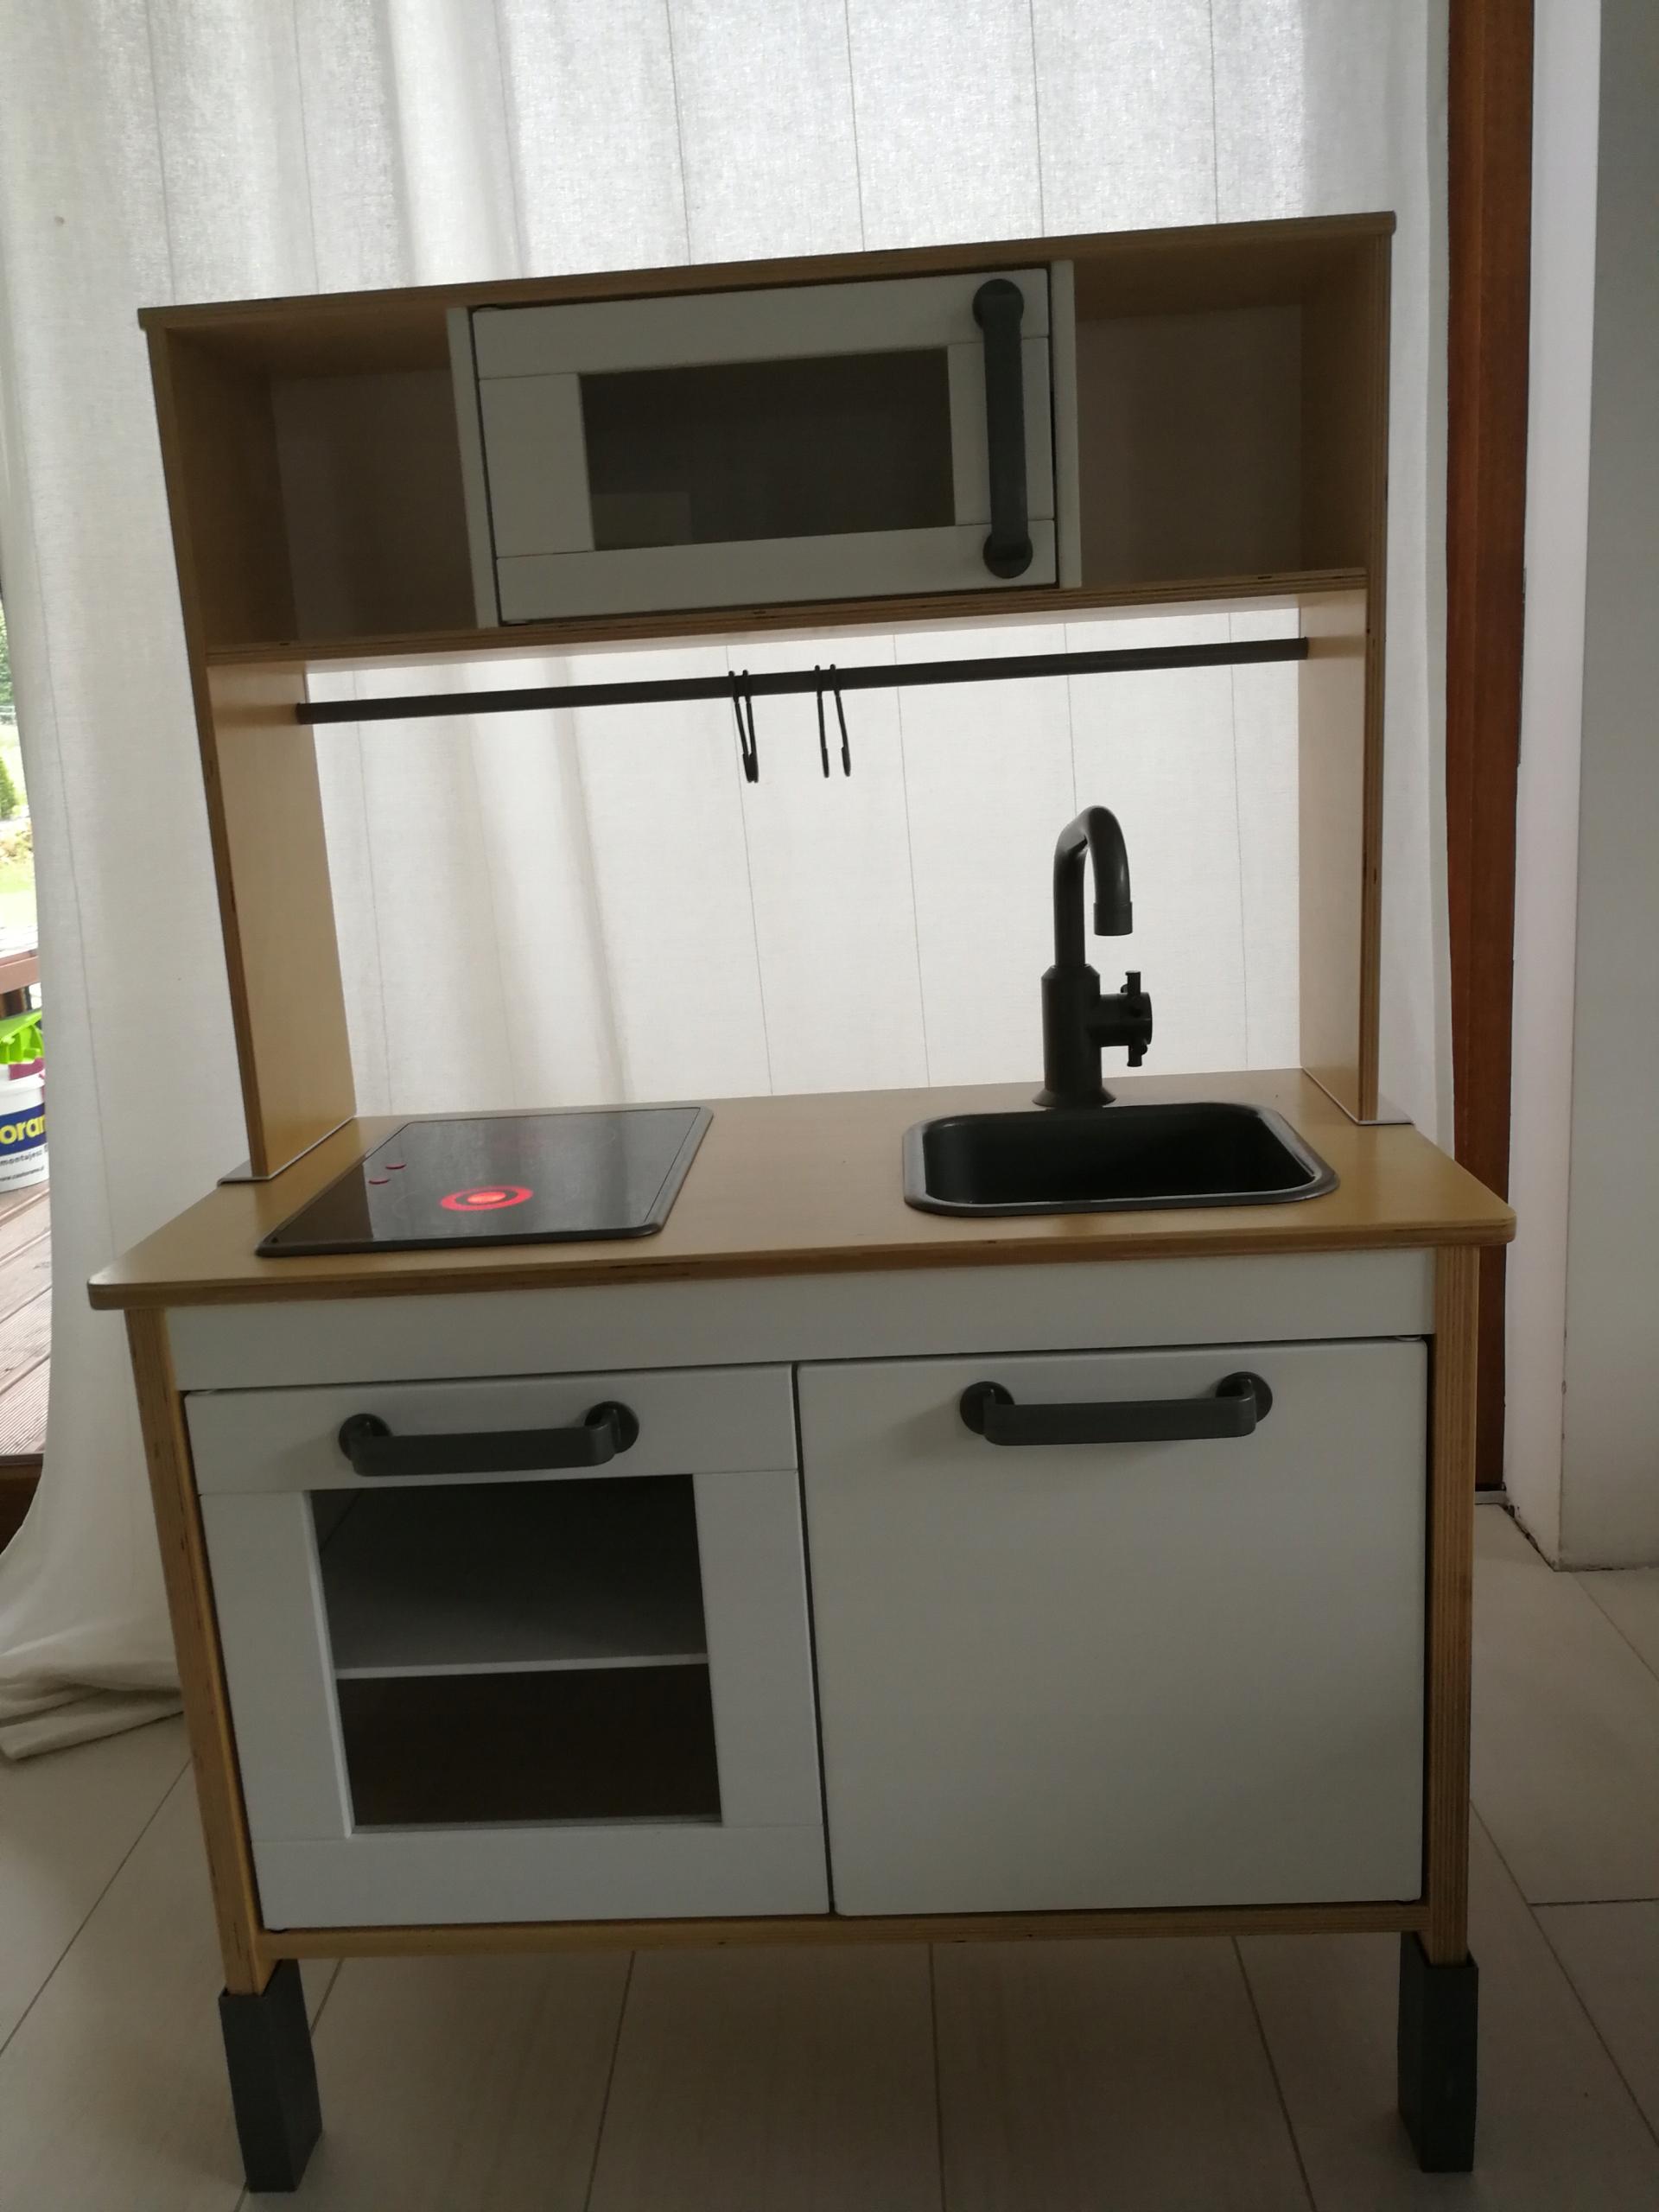 Ikea Kuchnia Dla Dzieci 7464274605 Oficjalne Archiwum